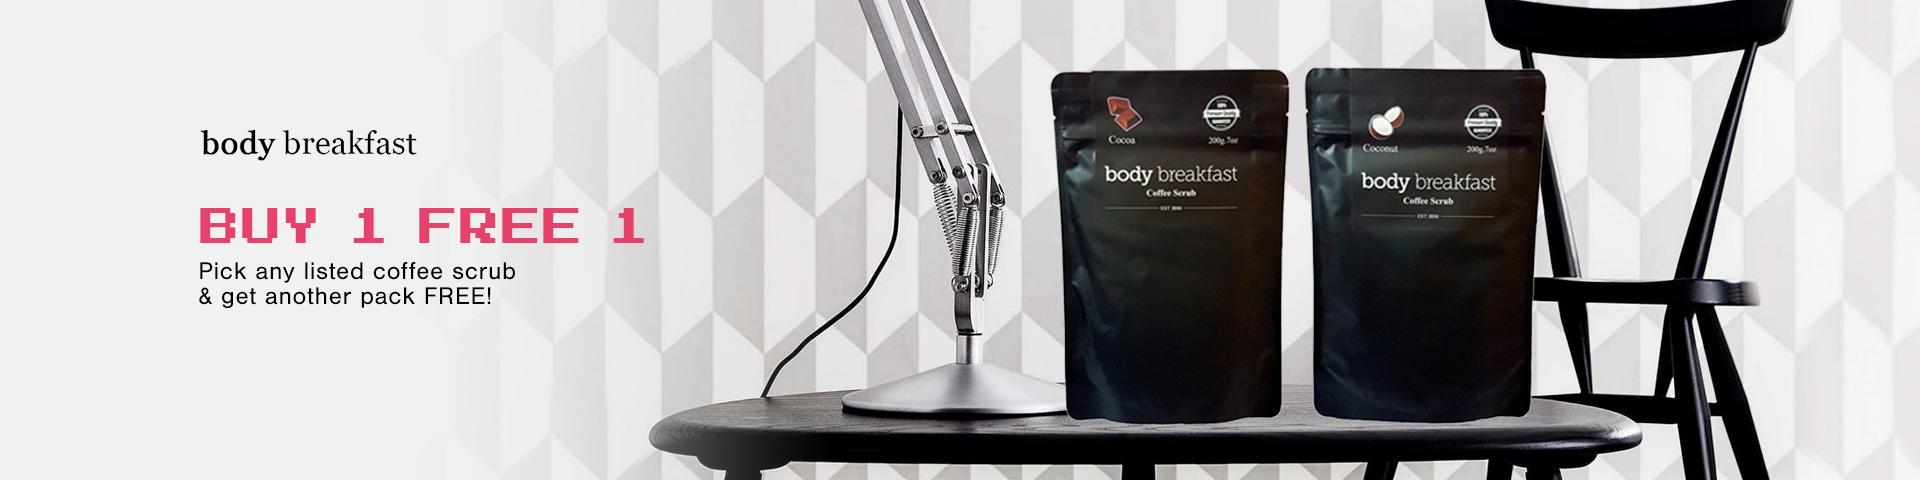 Body Breakfast